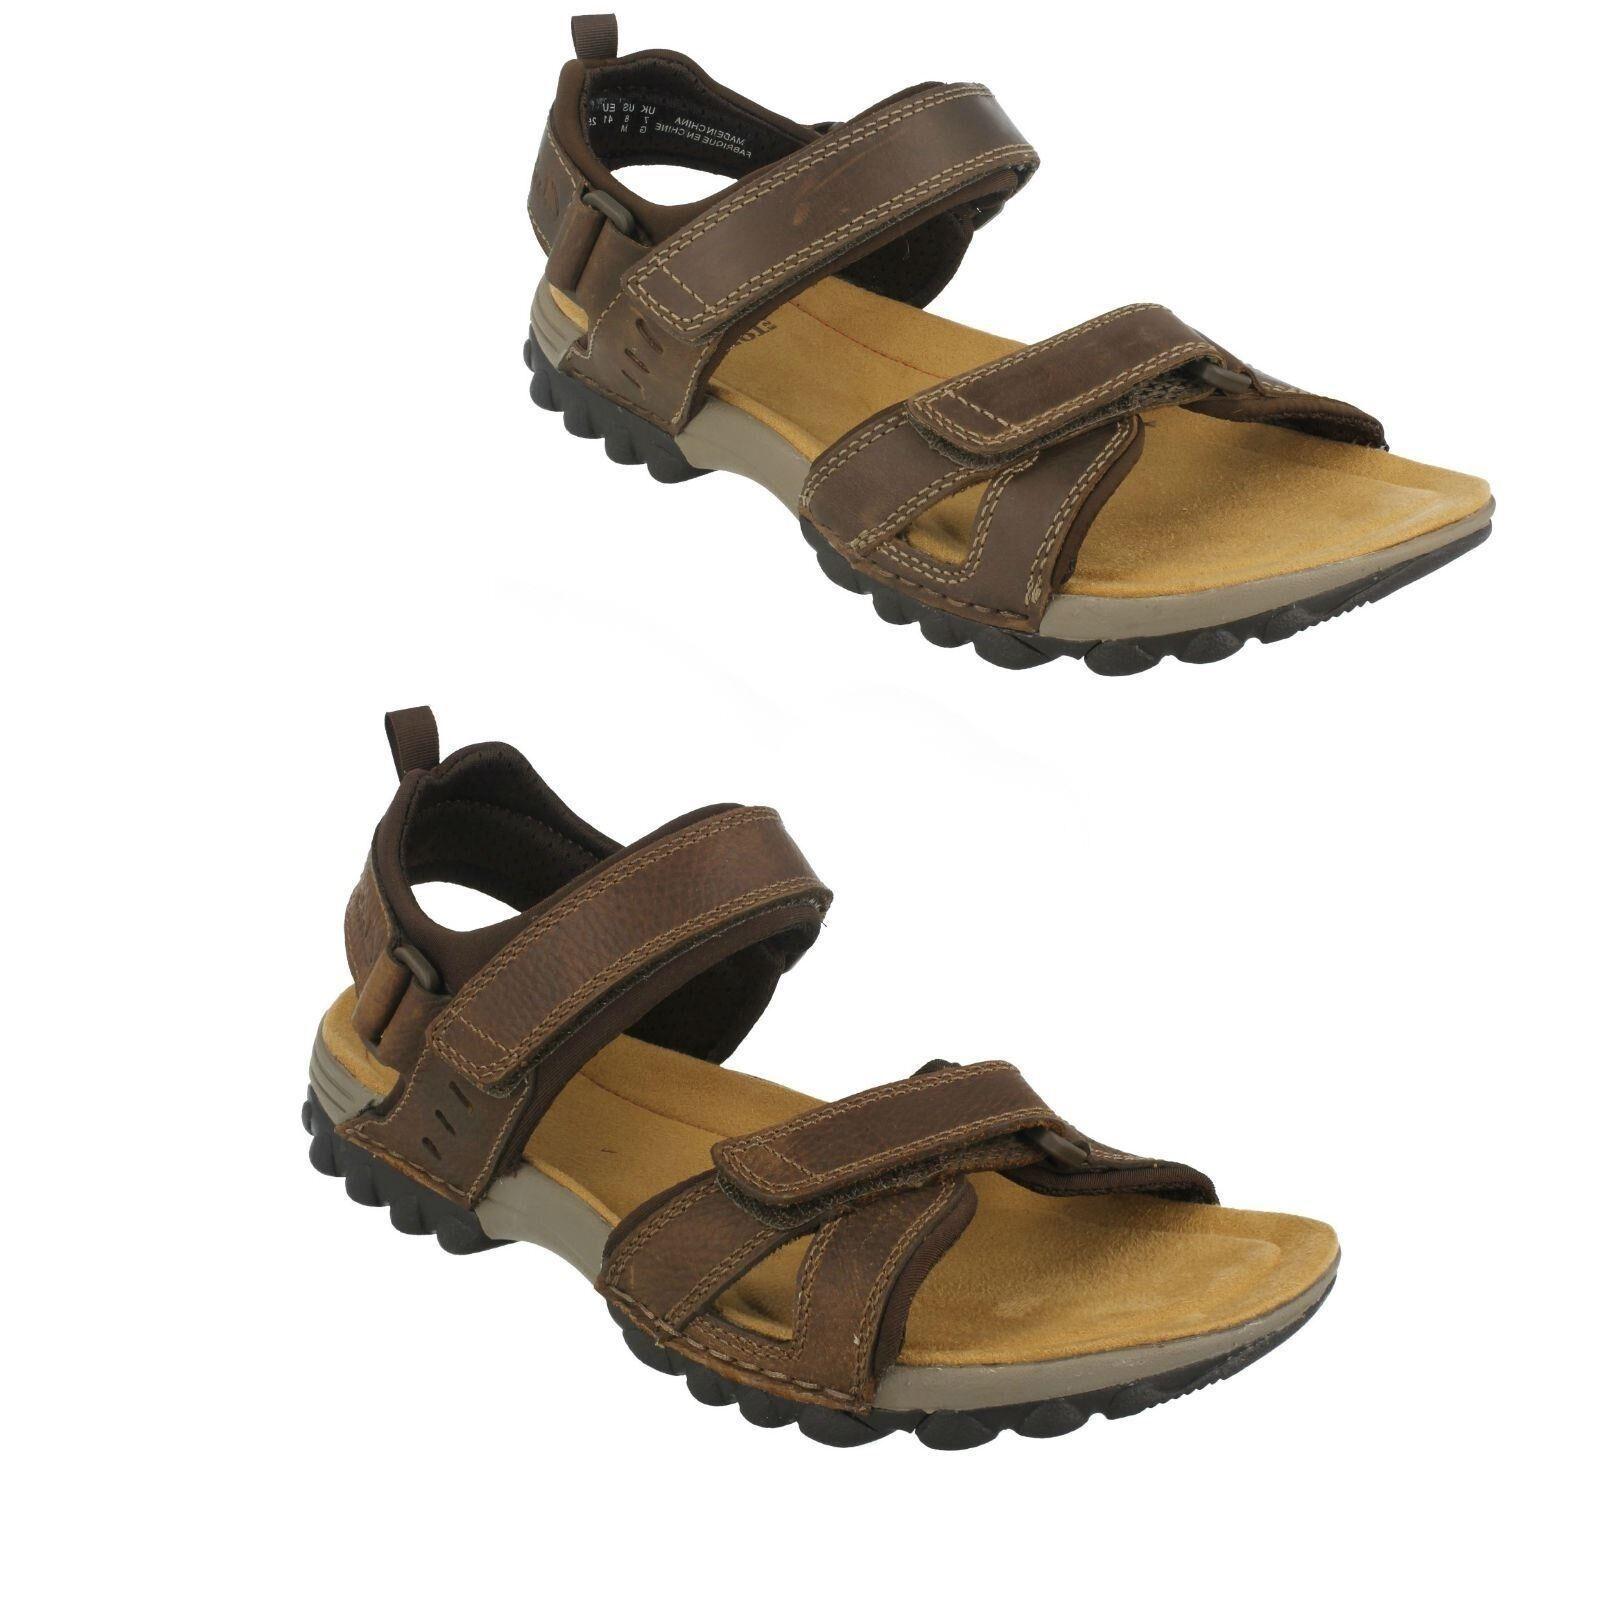 Clarks pour hommes hommes hommes cuir riptape bride arrière décontracté sandales été vextor 7ccaa3